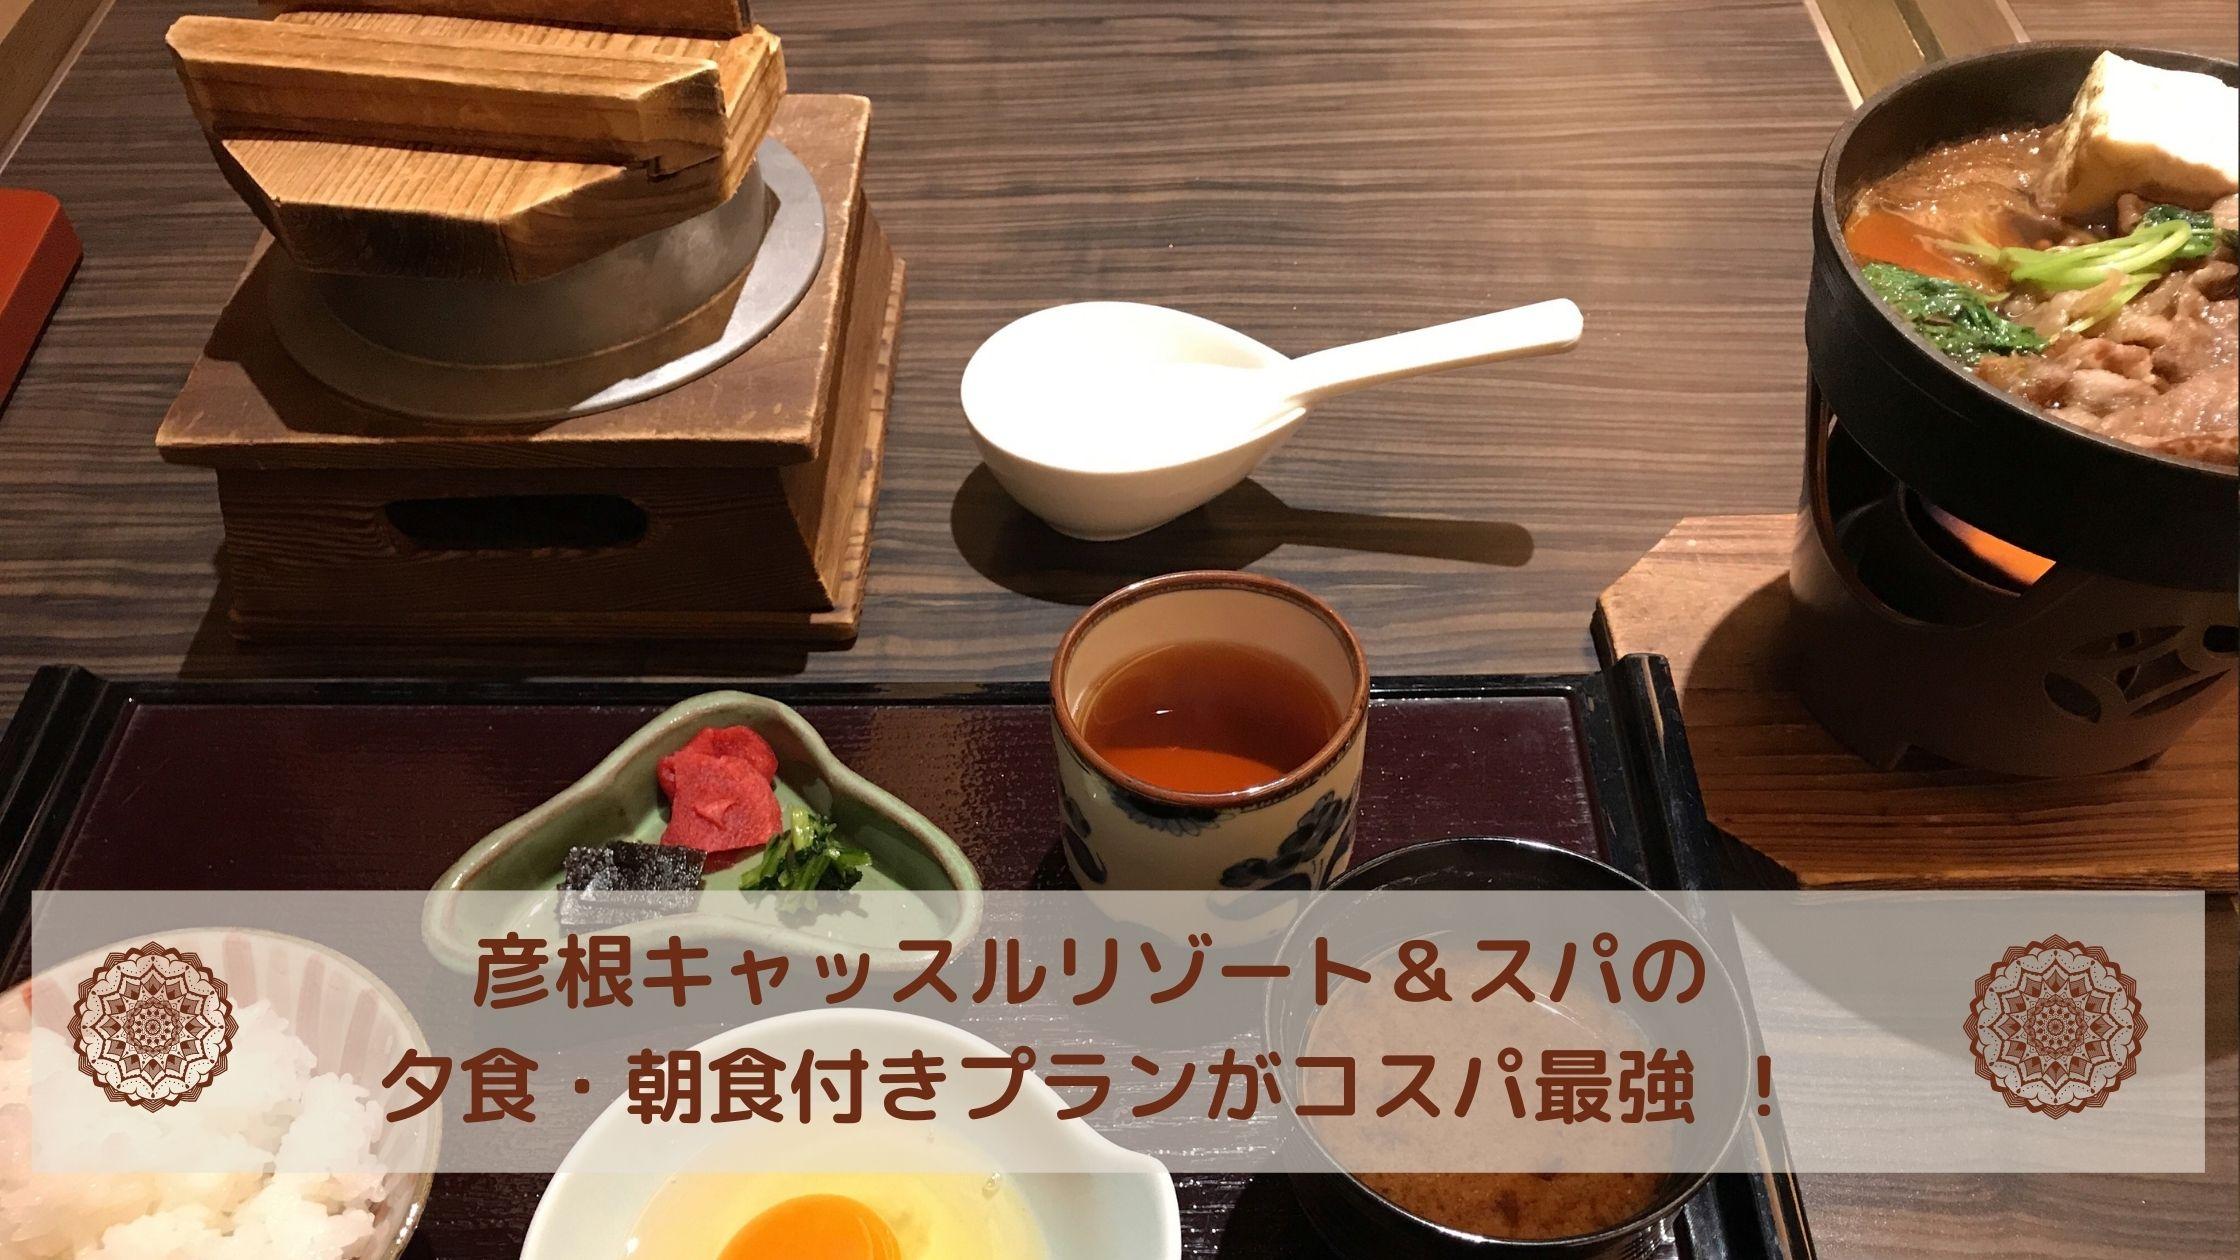 彦根キャッスルリゾートスパ ブログ